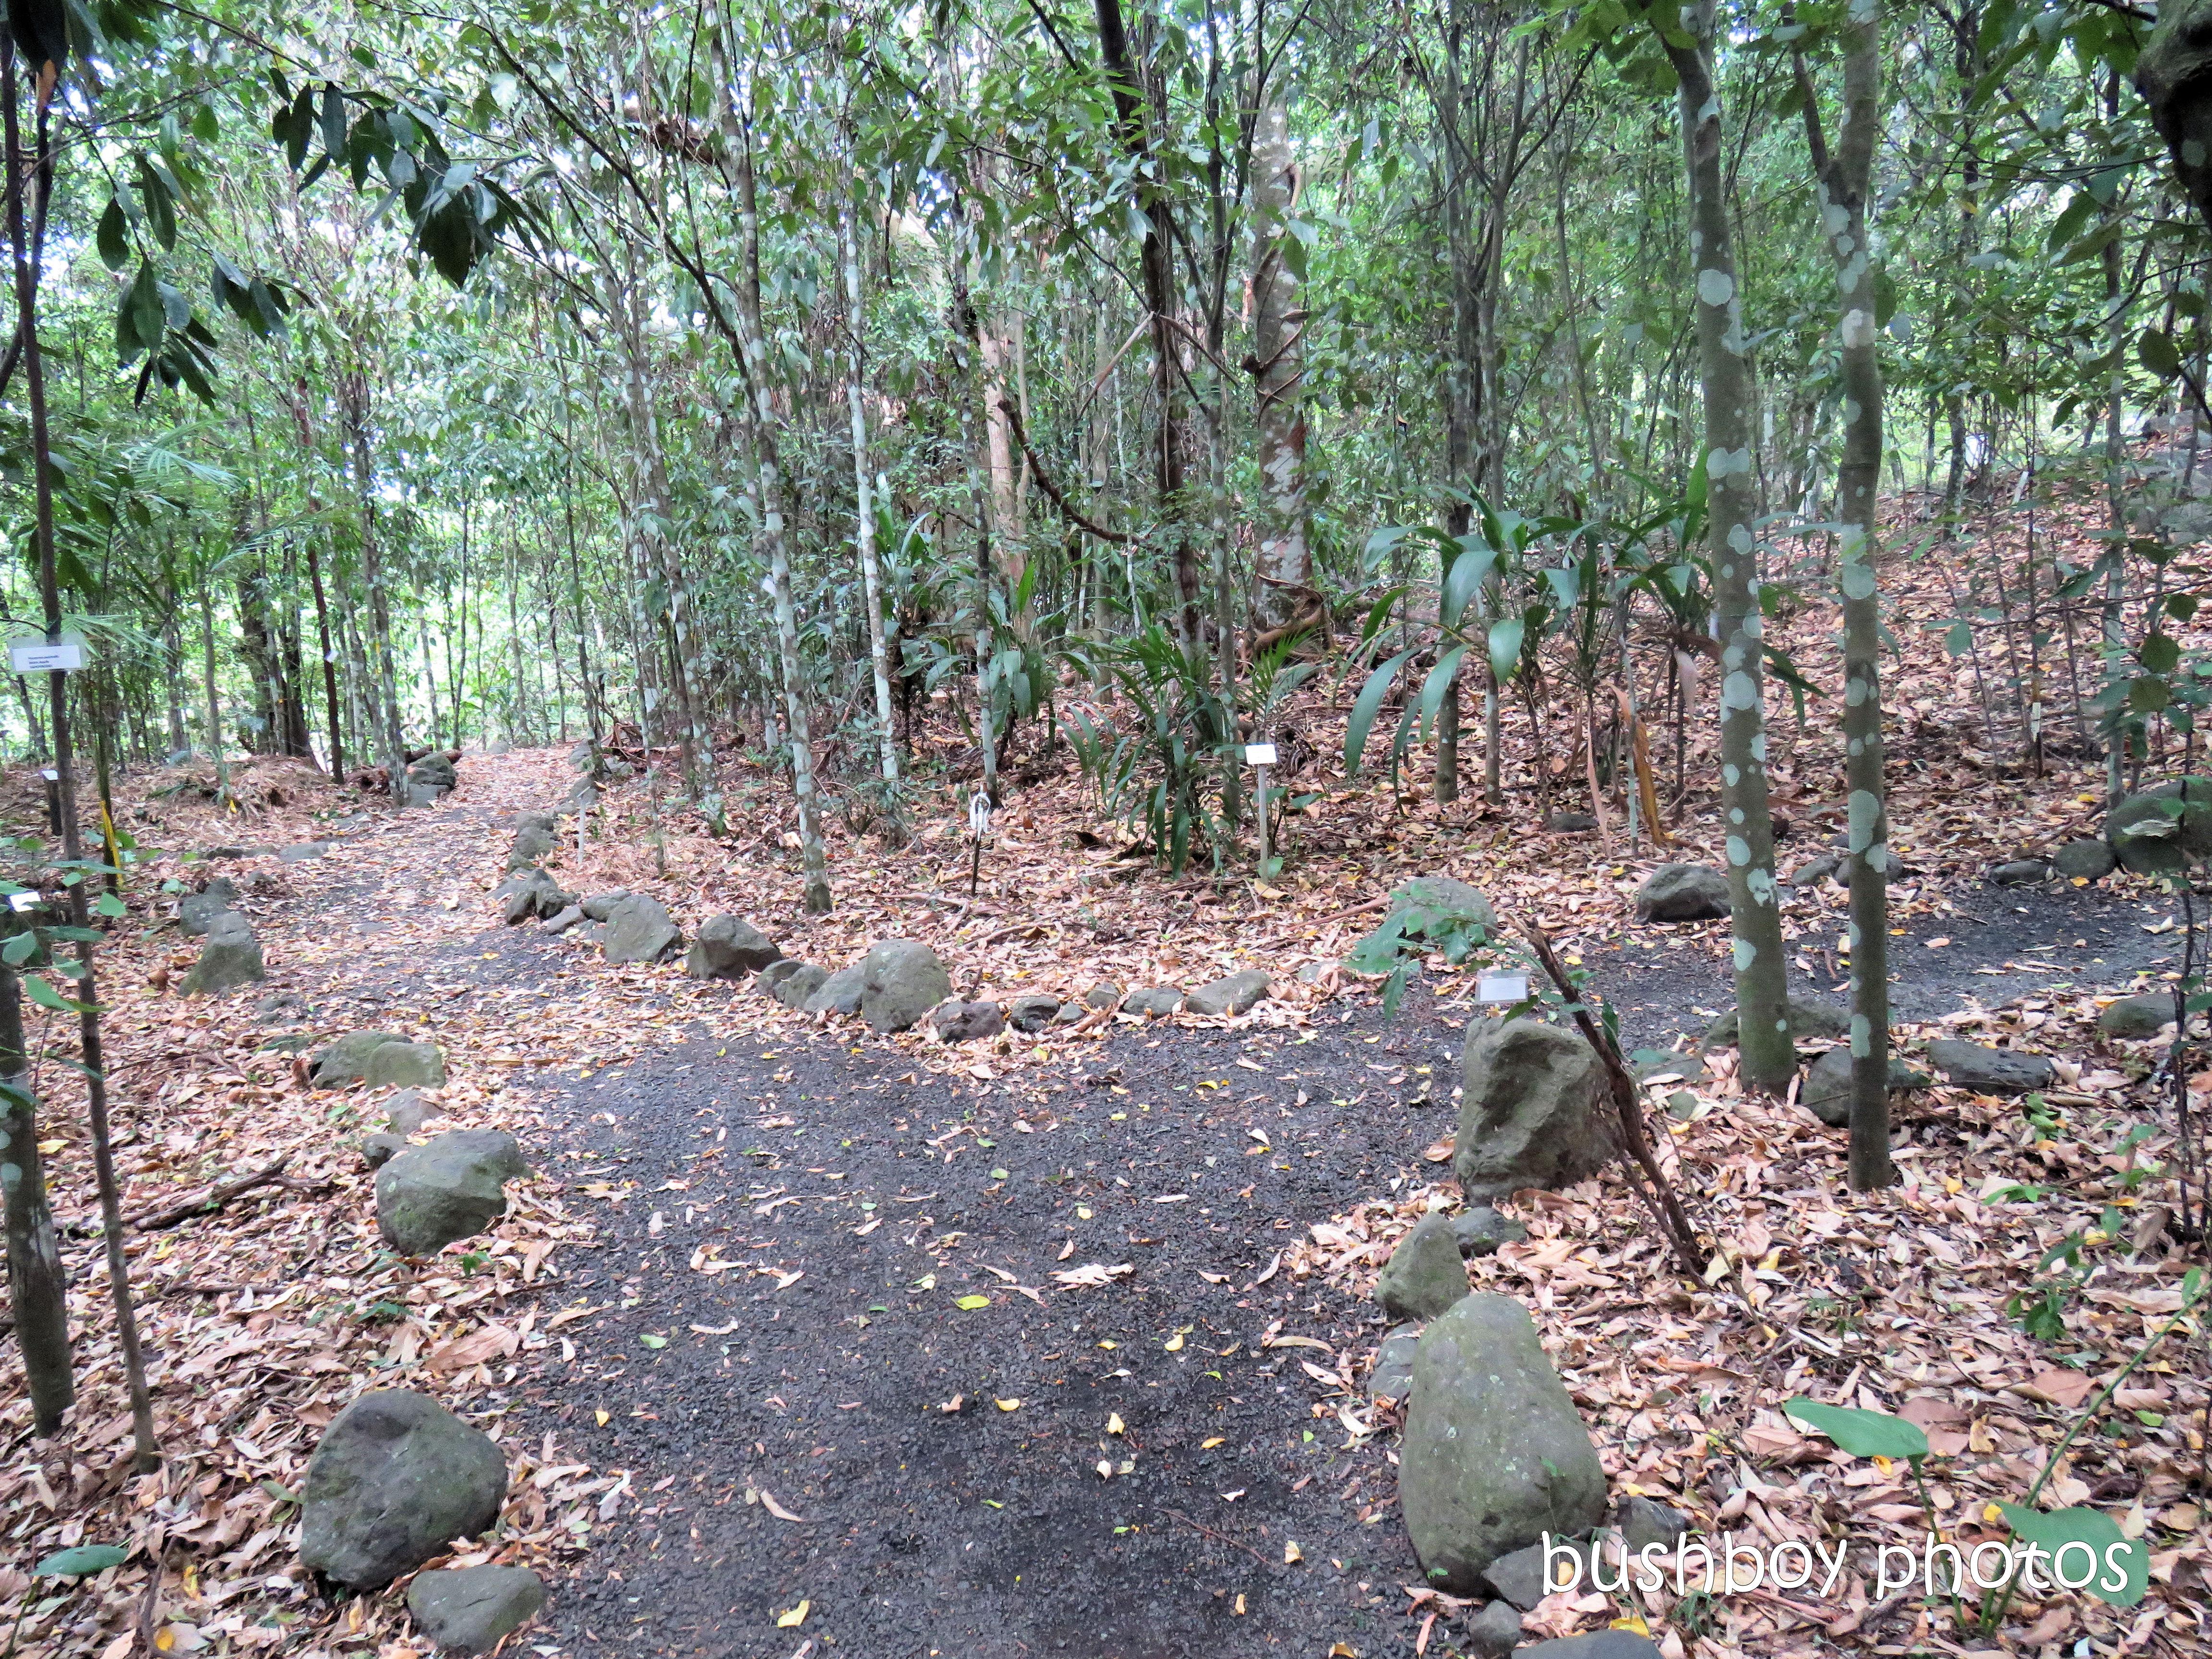 lismore_botanical_gardens_paths_bridges1_jan 2019 (6)